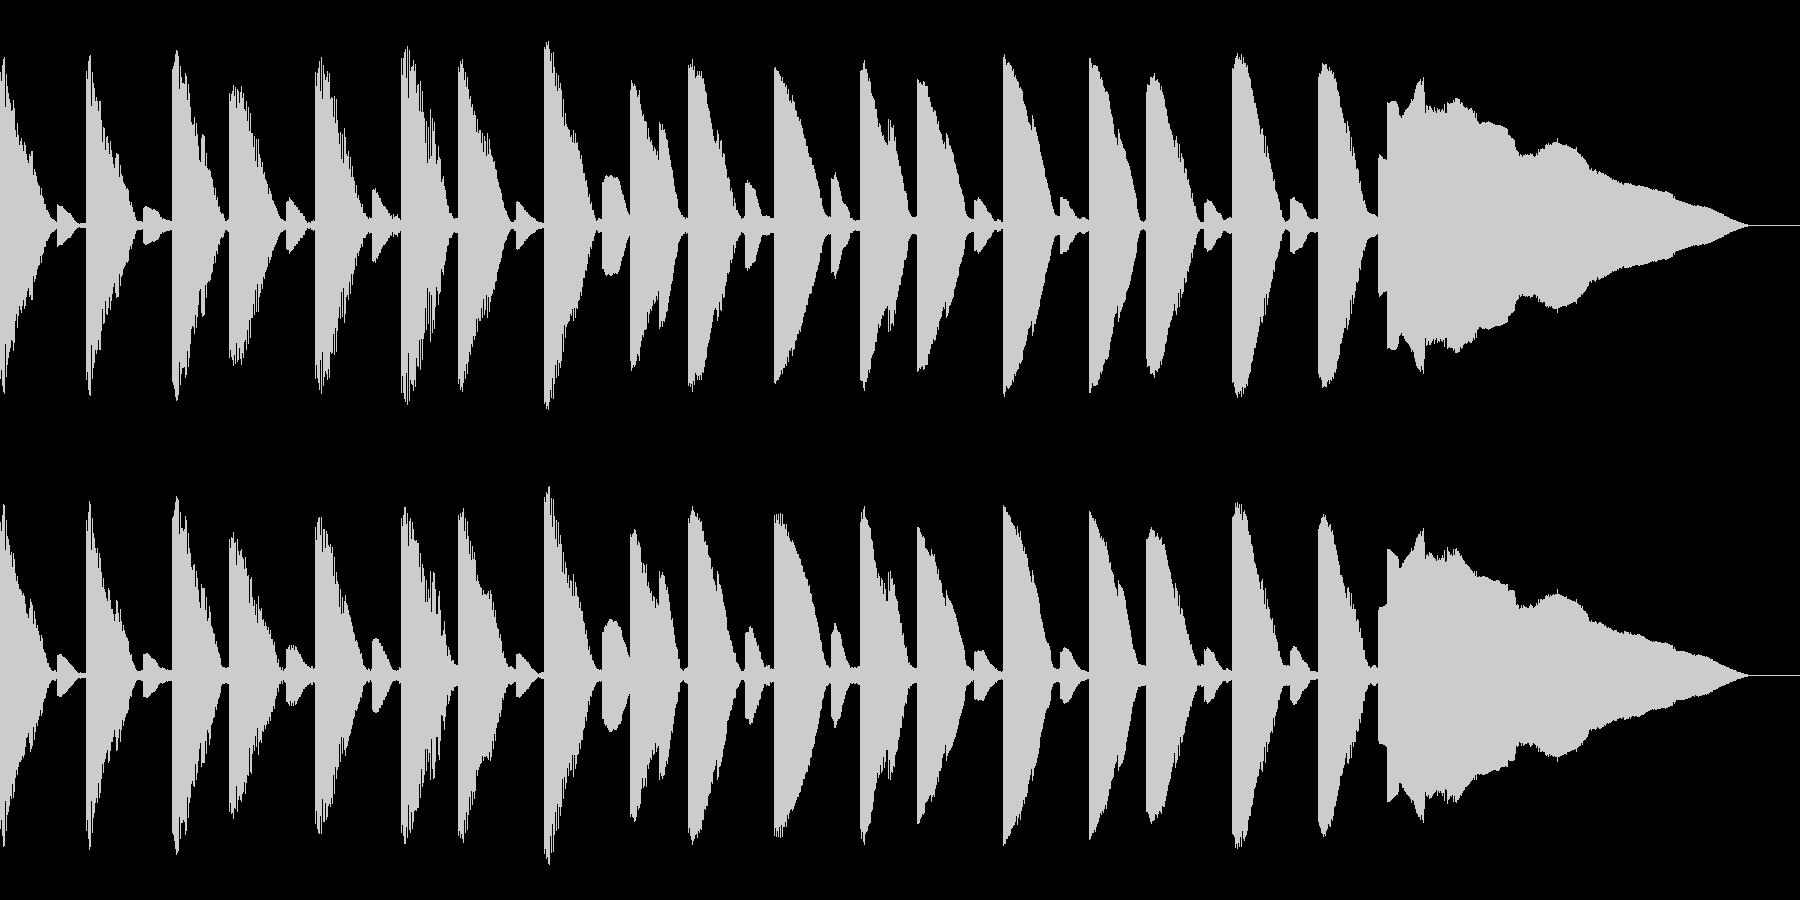 ゲームのようなBGMの未再生の波形